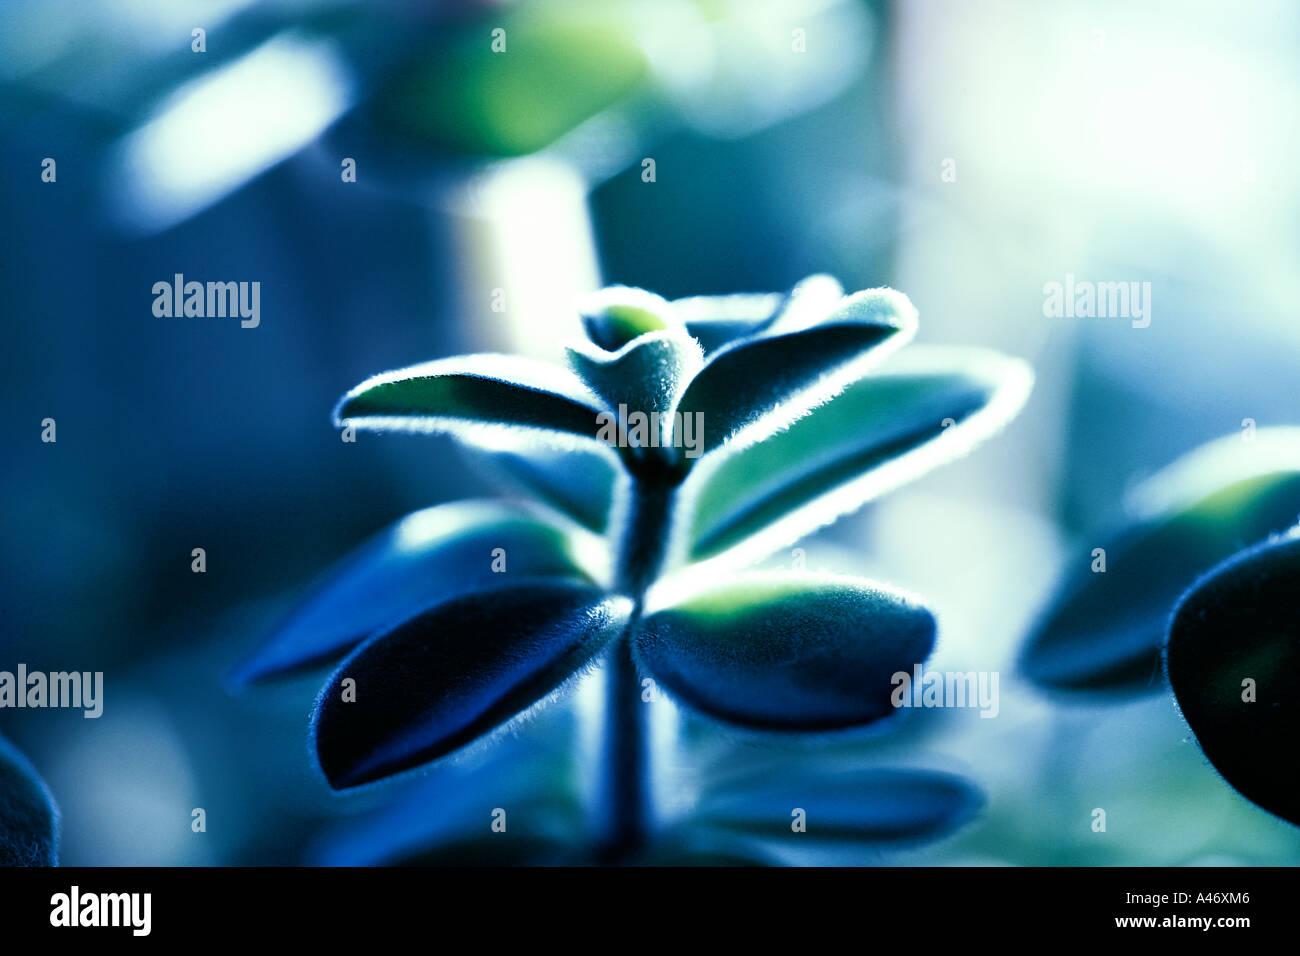 Un succulento pianta di casa chiamato pulsante arresto di emergenza Immagini Stock